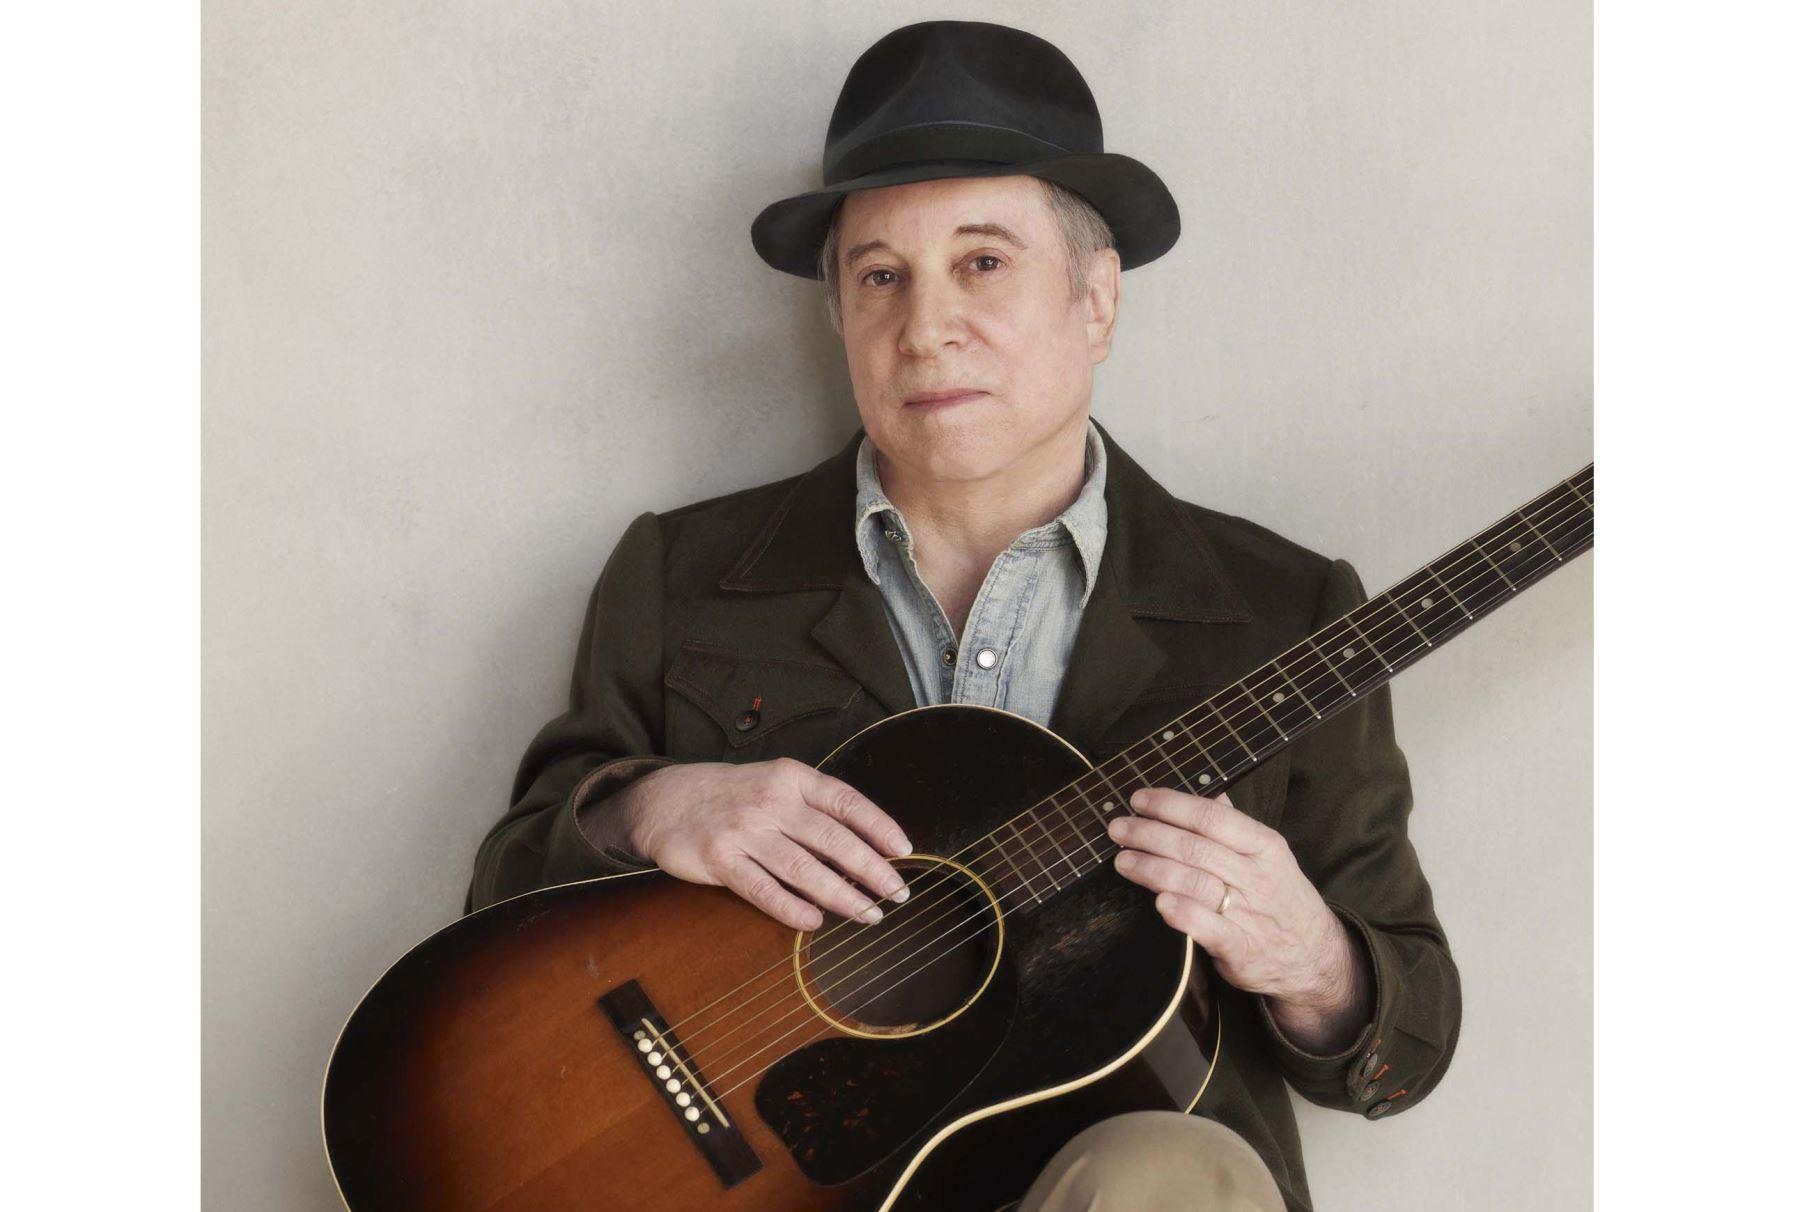 Paul Simon, el músico que ha vivido varias vidas, cumple 80 años